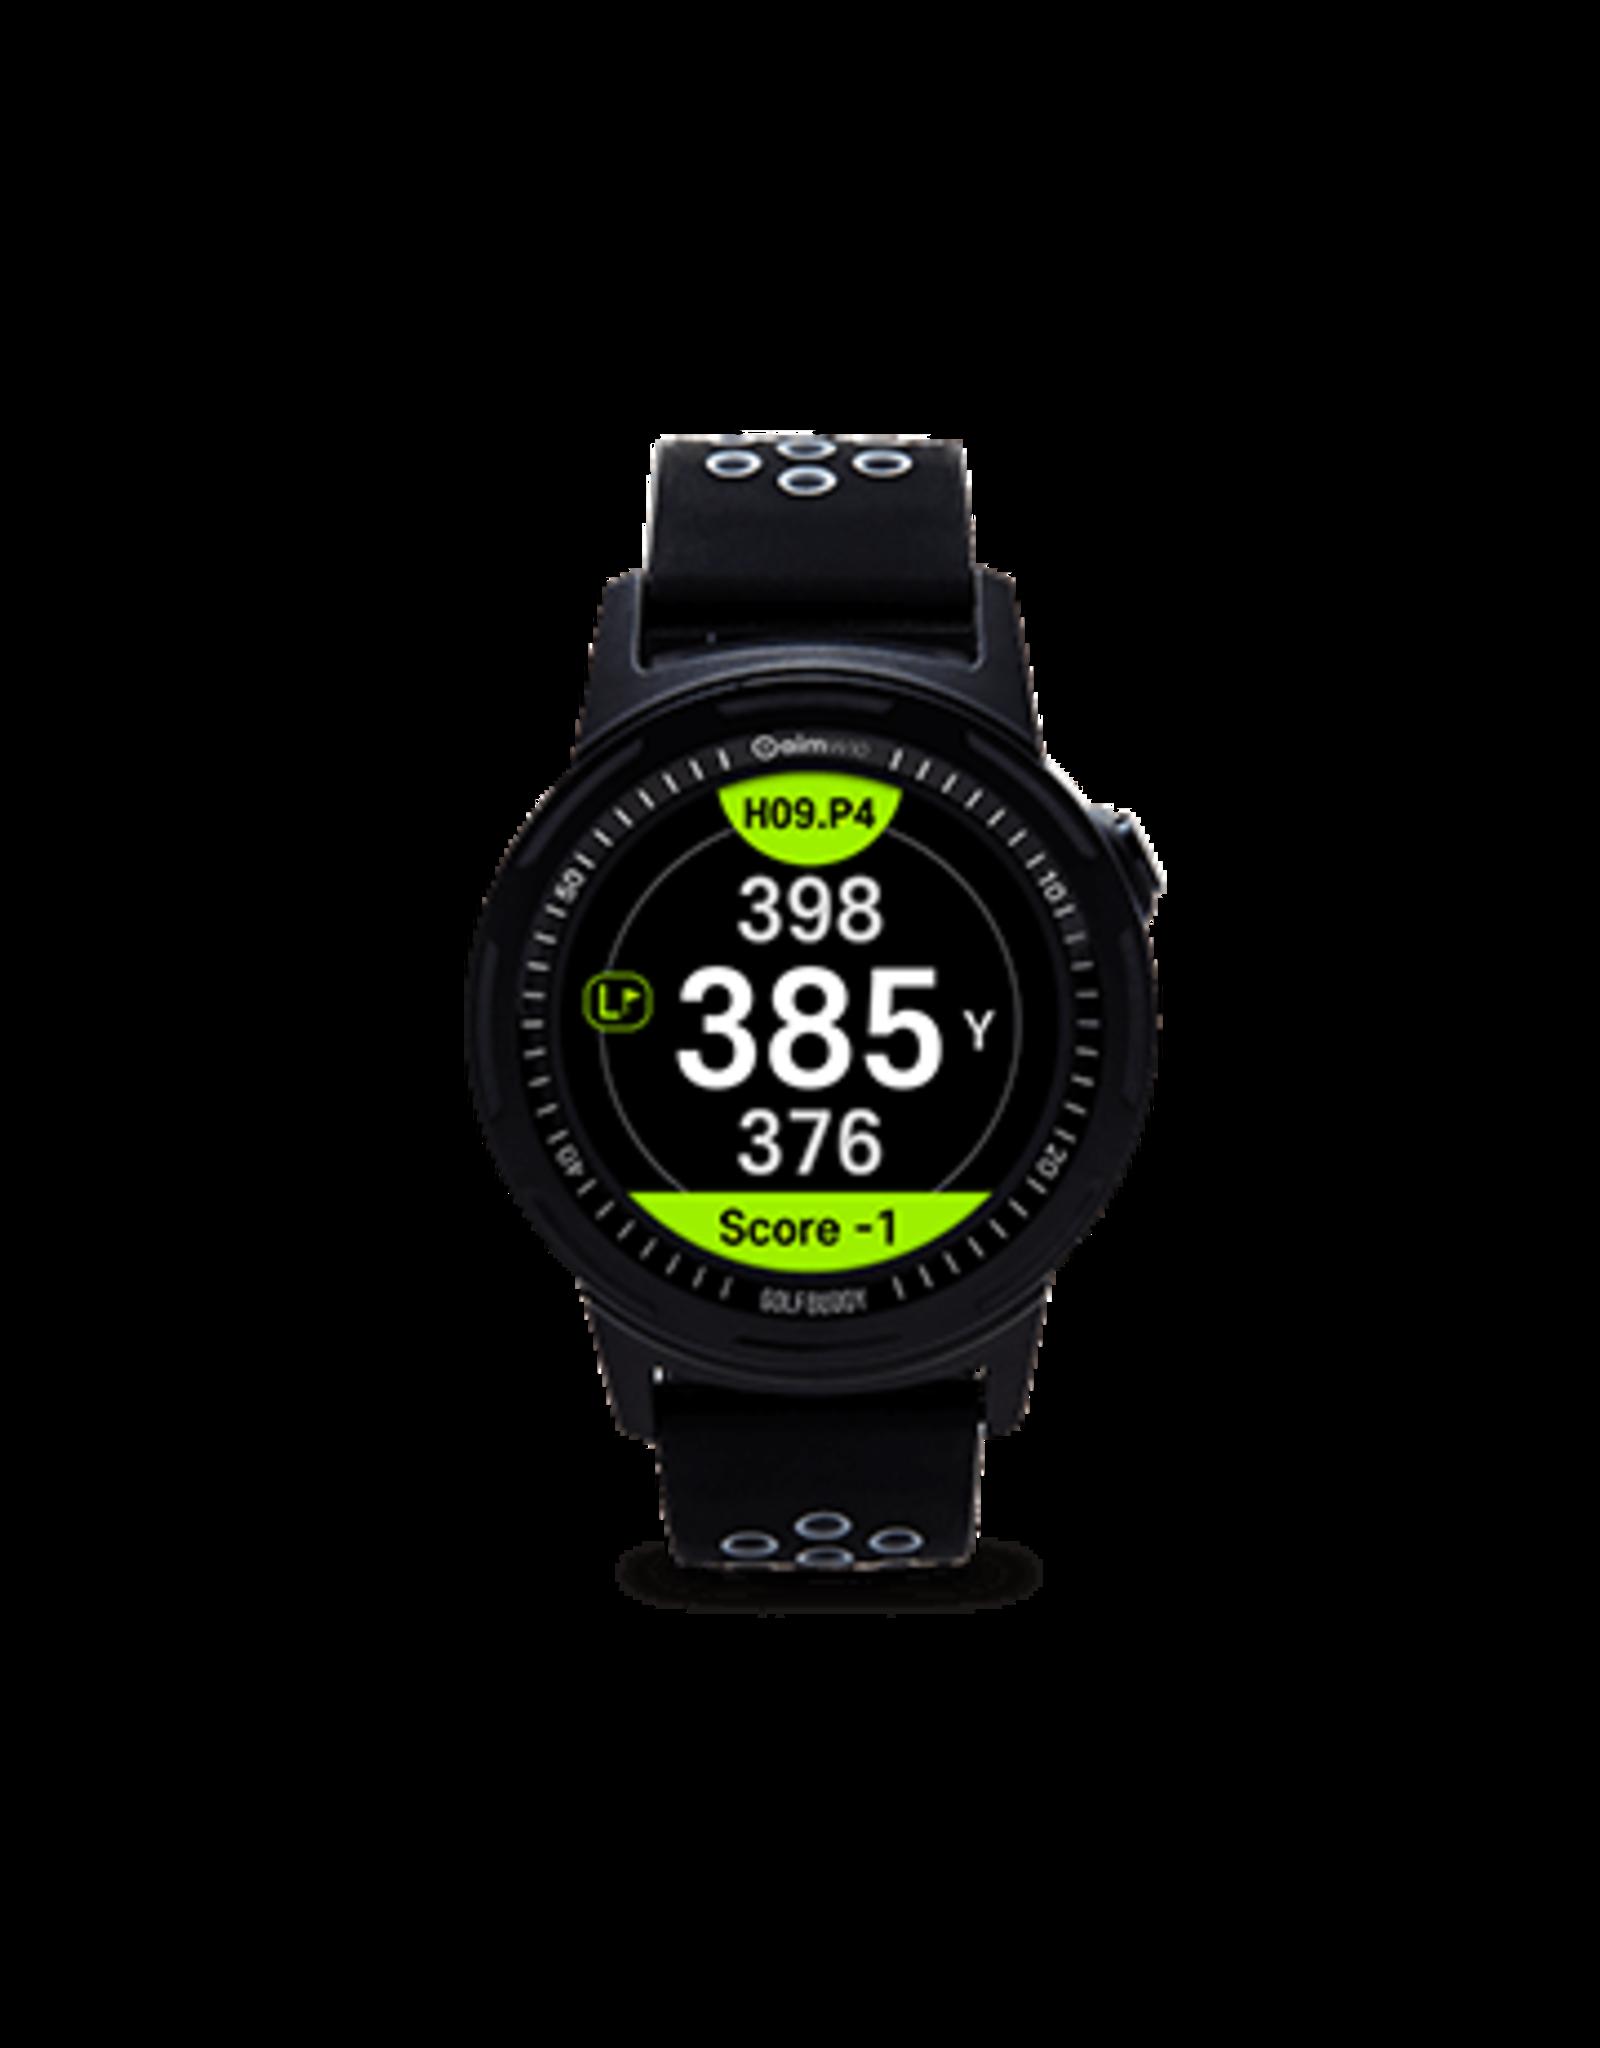 Golf Buddy Golf Buddy aim W10 GPS Watch